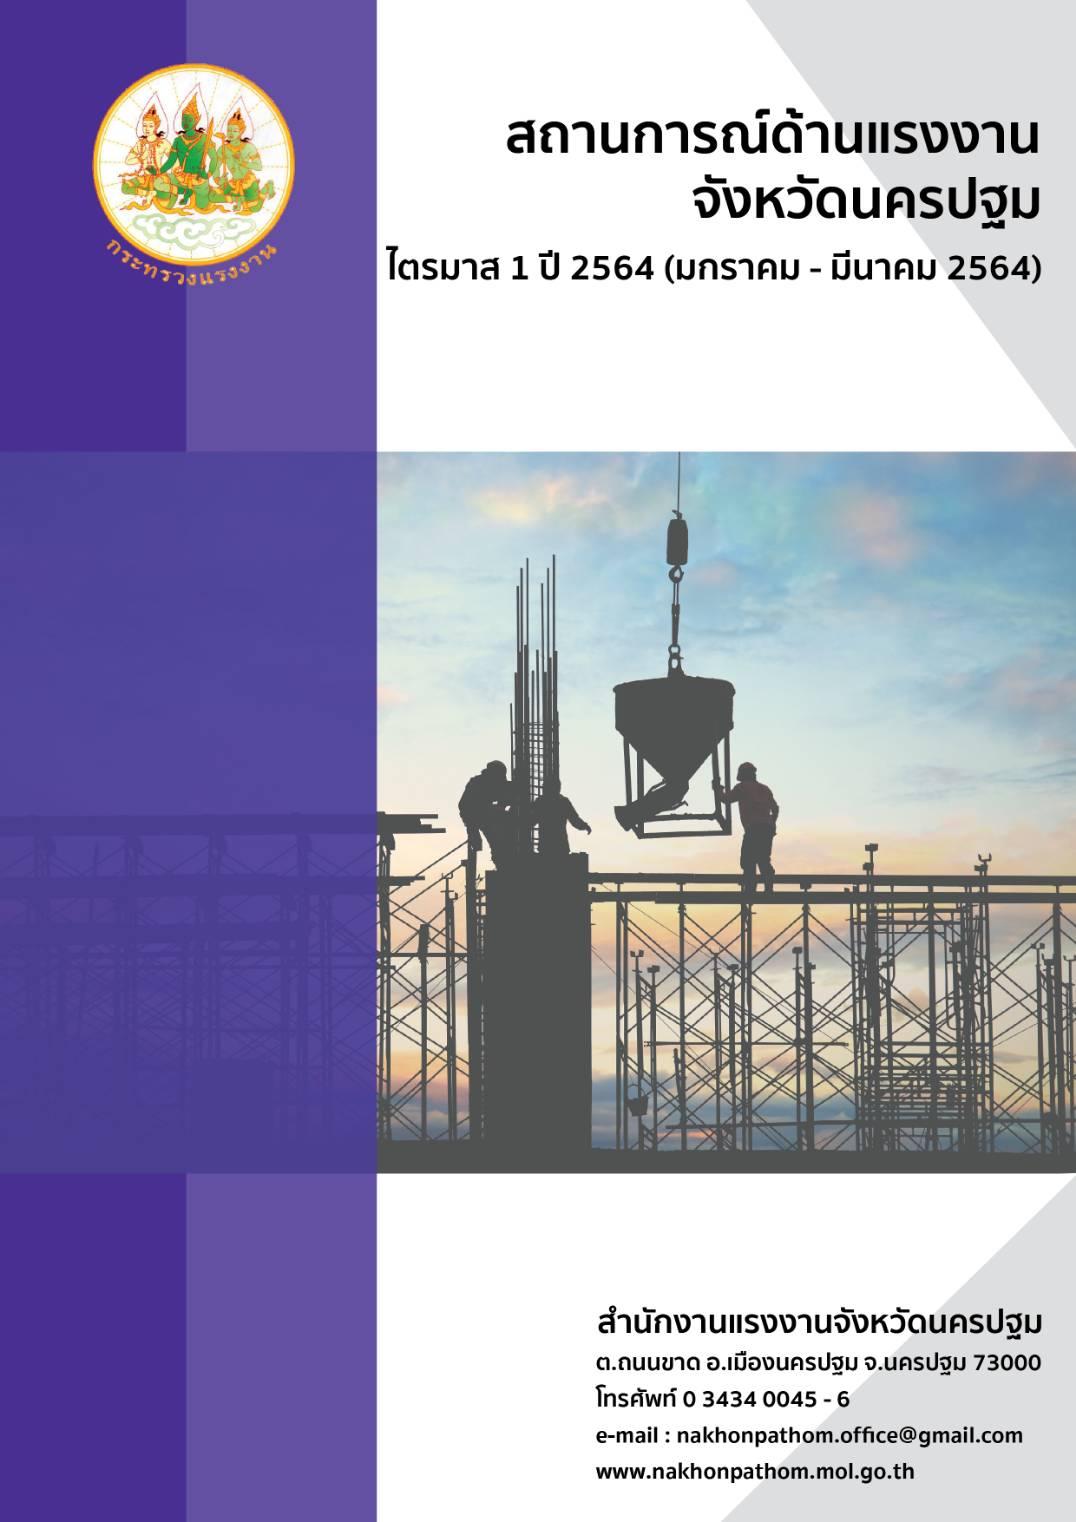 รายงานสถานการณ์แรงงานจังหวัดนครปฐม ไตรมาส 1 ปี 2564 (มกราคม – มีนาคม 2564)